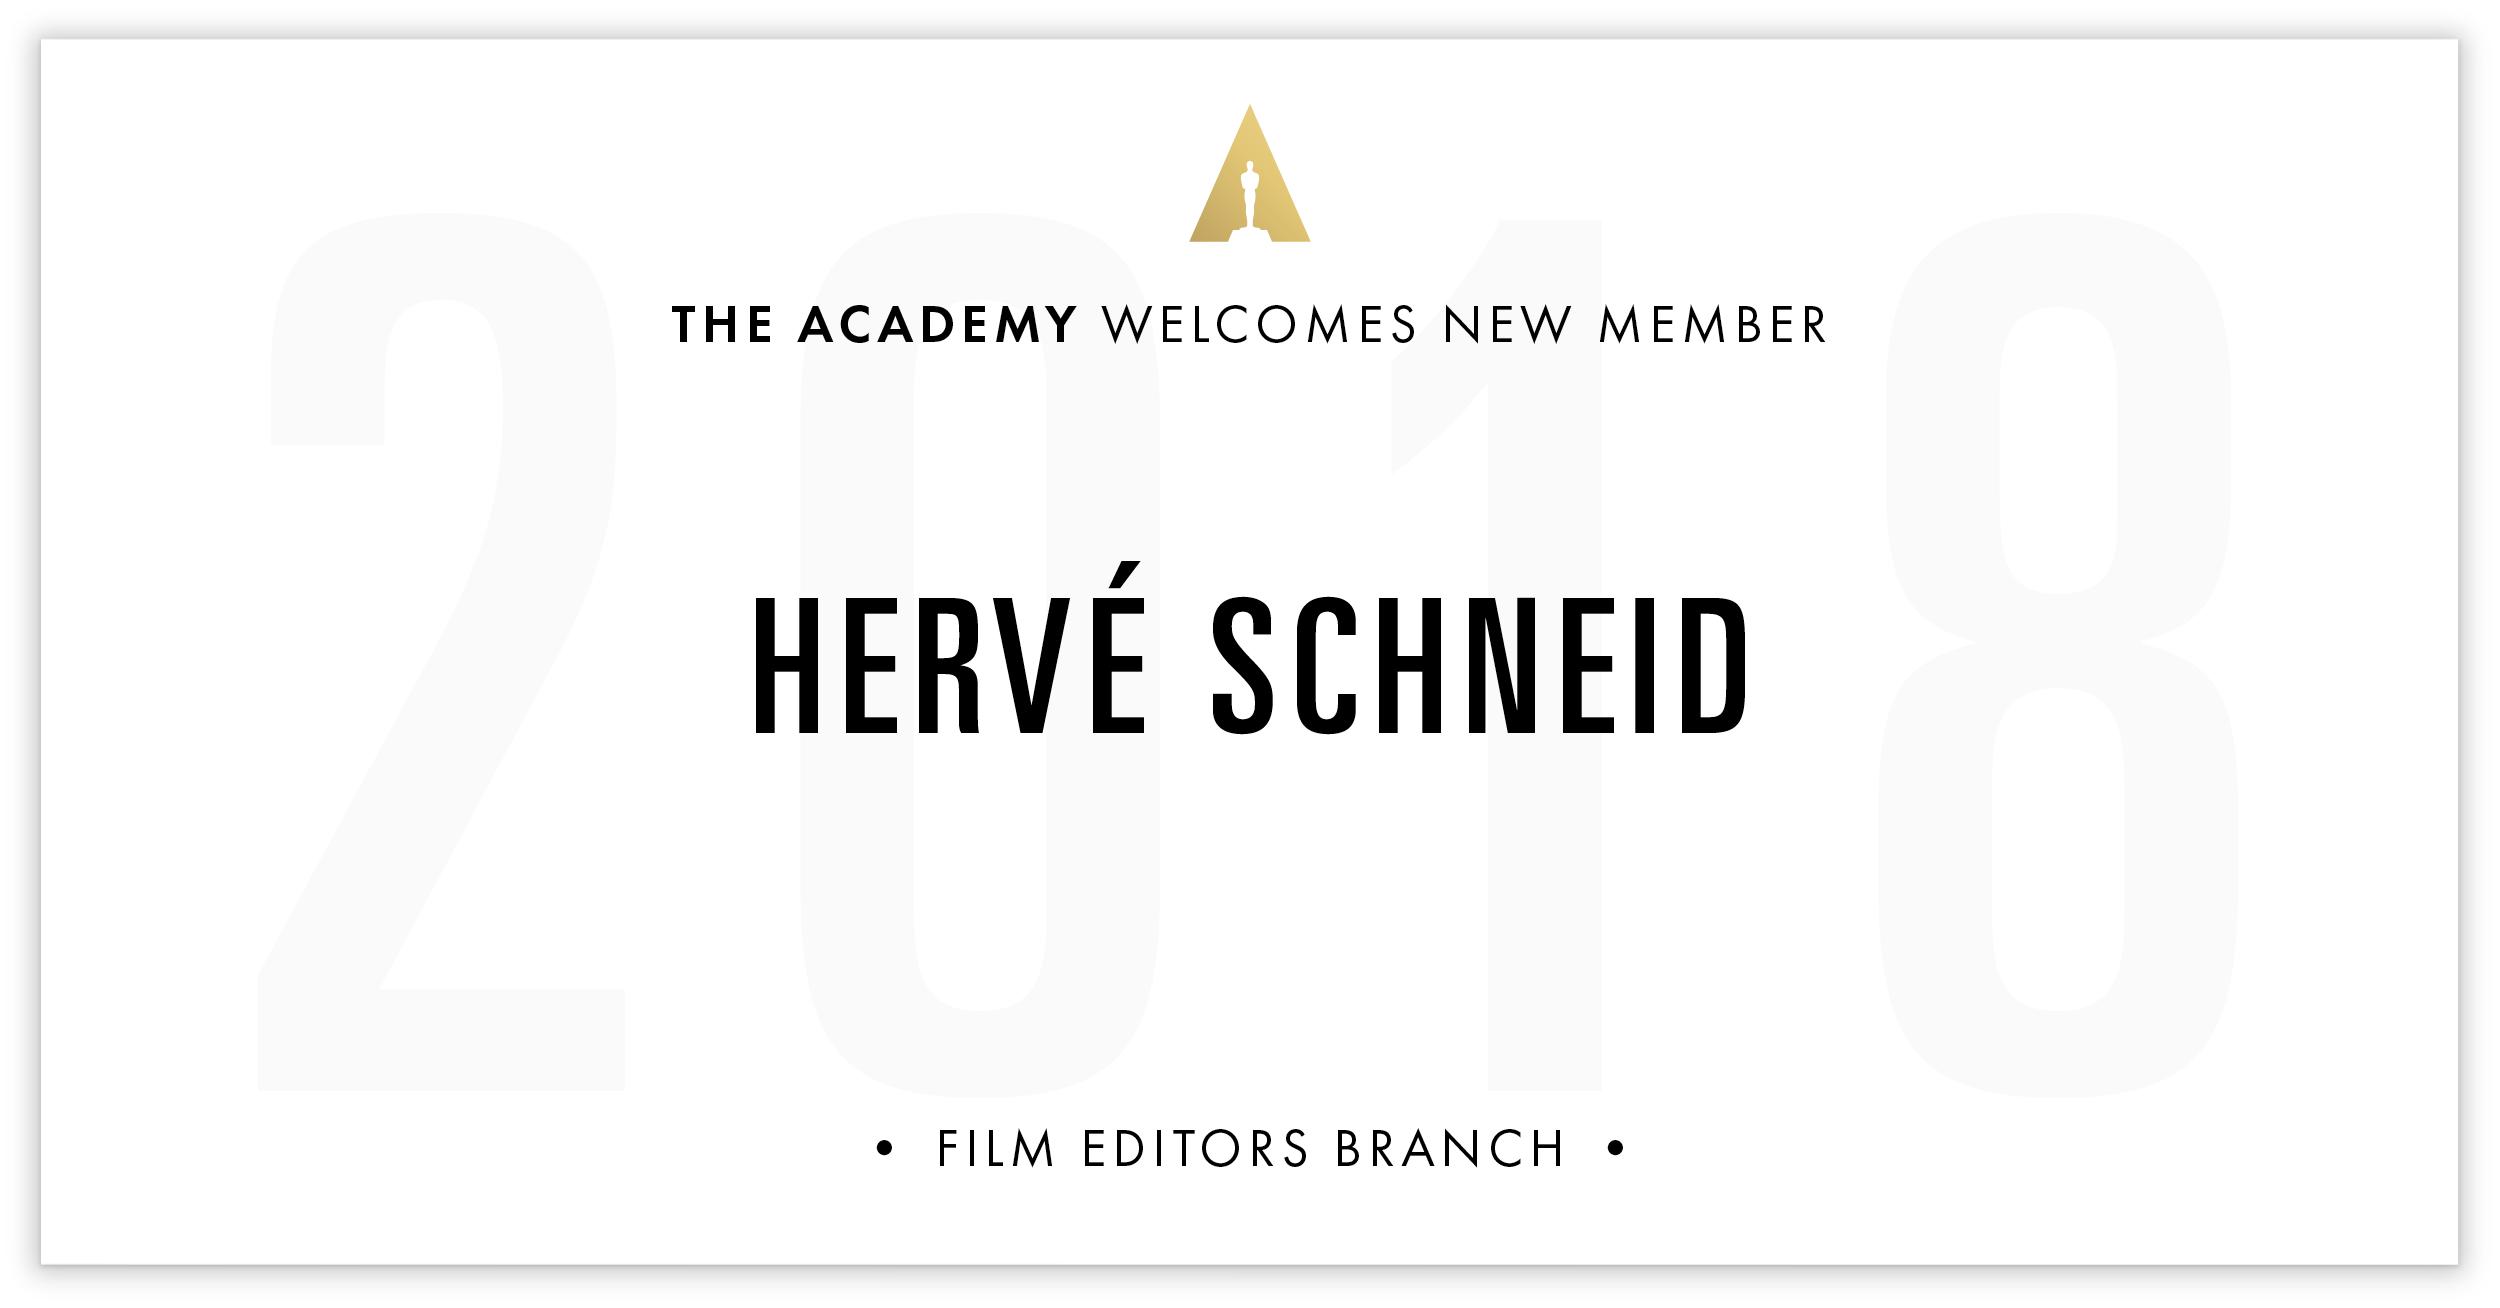 Hervé Schneid is invited!